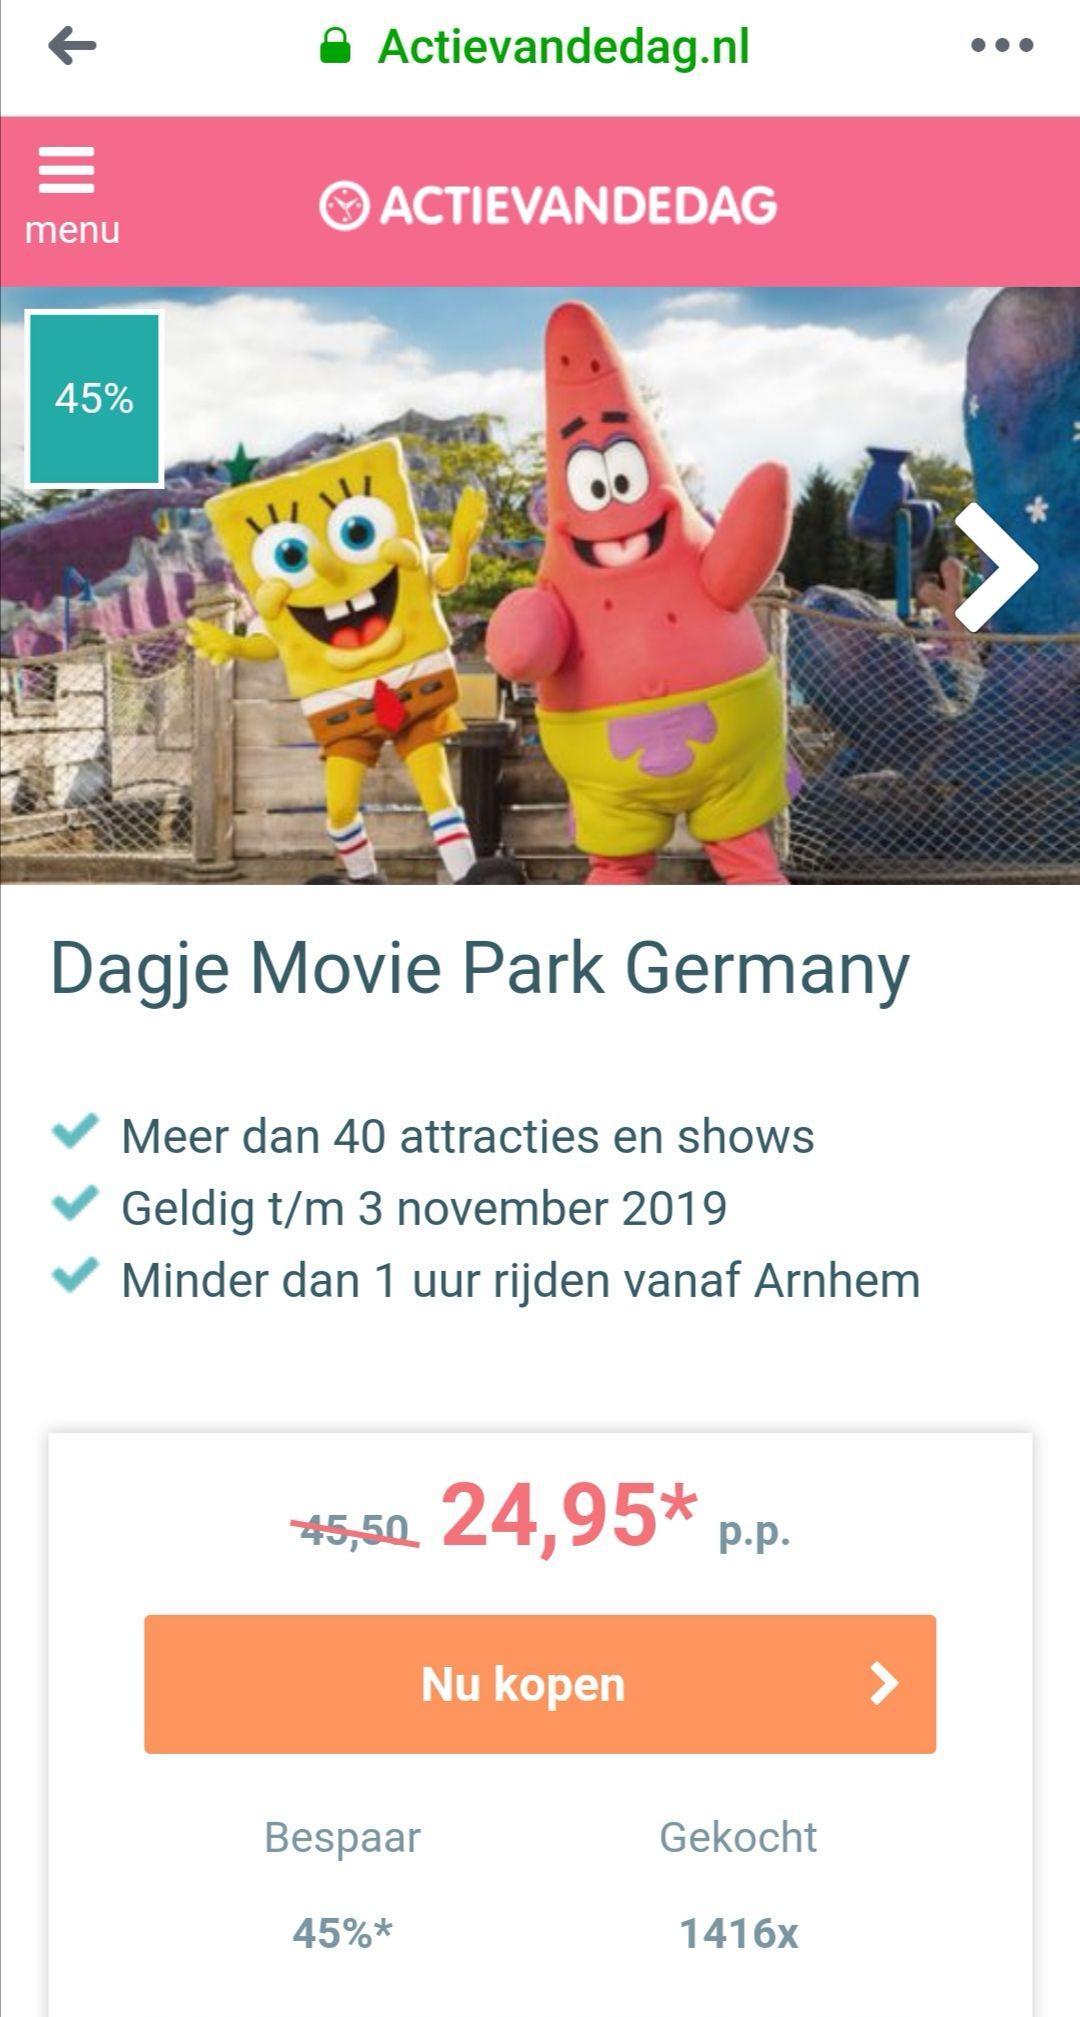 Flinke korting Moviepark Germany @actievandedag